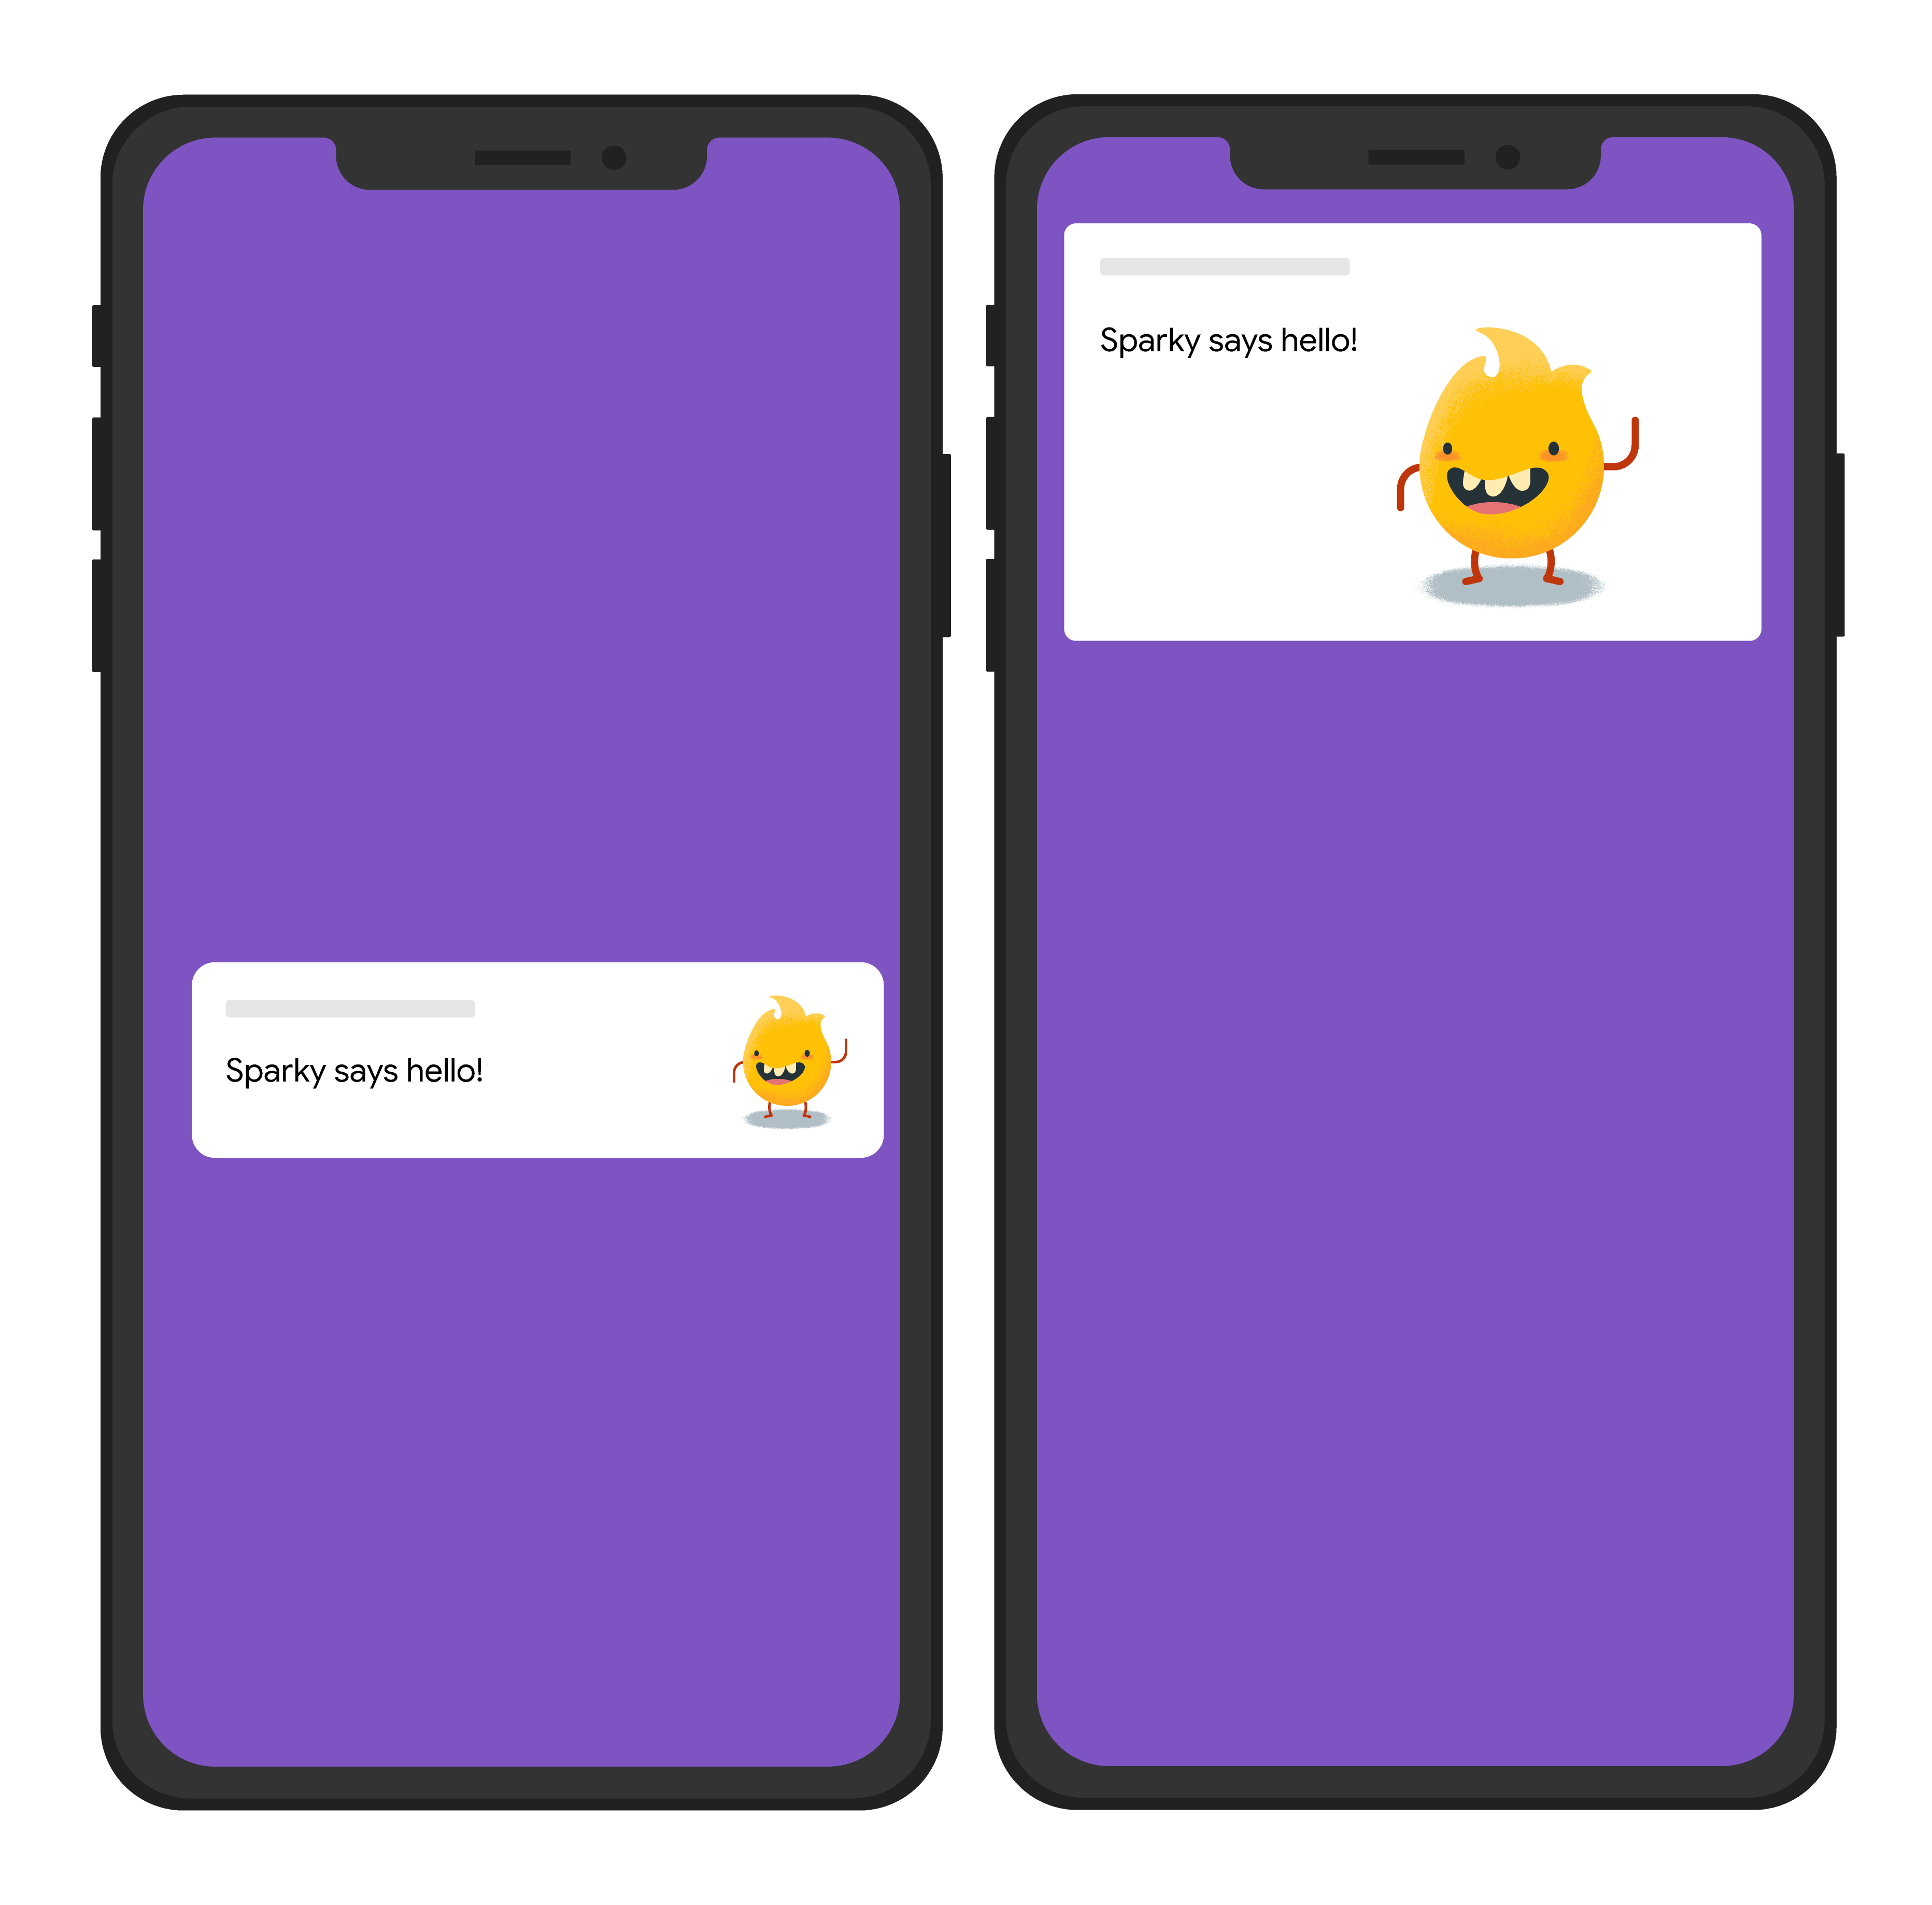 Ilustrasi sederhana dari gambar dalam notifikasi tampilan